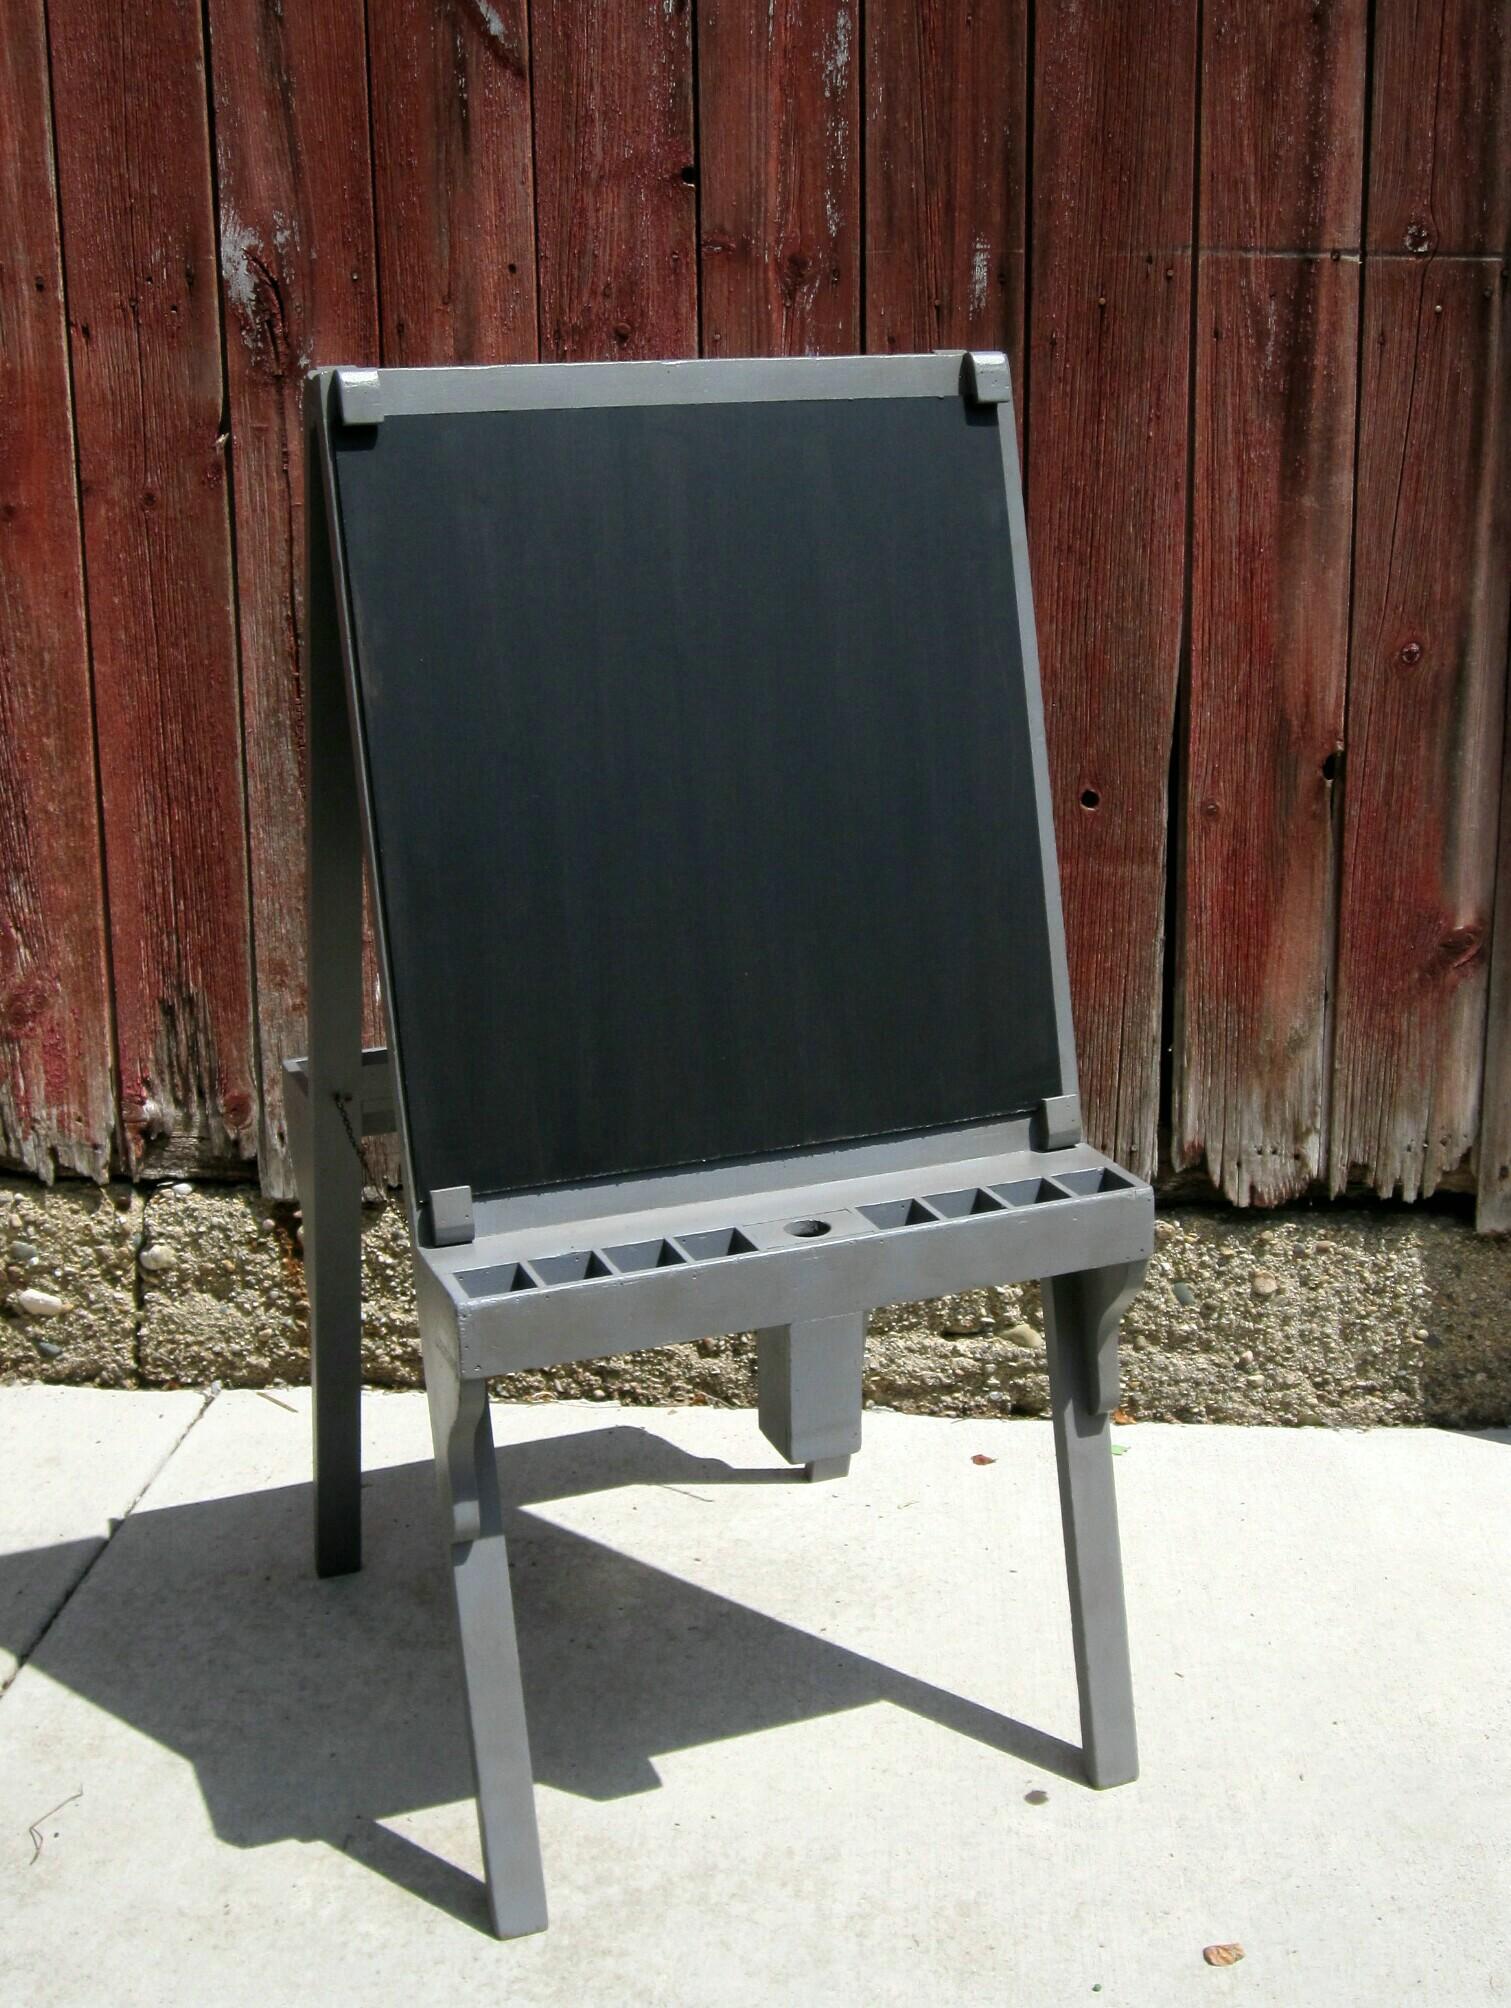 Artist Chalkboard - DescriptionQuantity ~ 1Price ~ $15